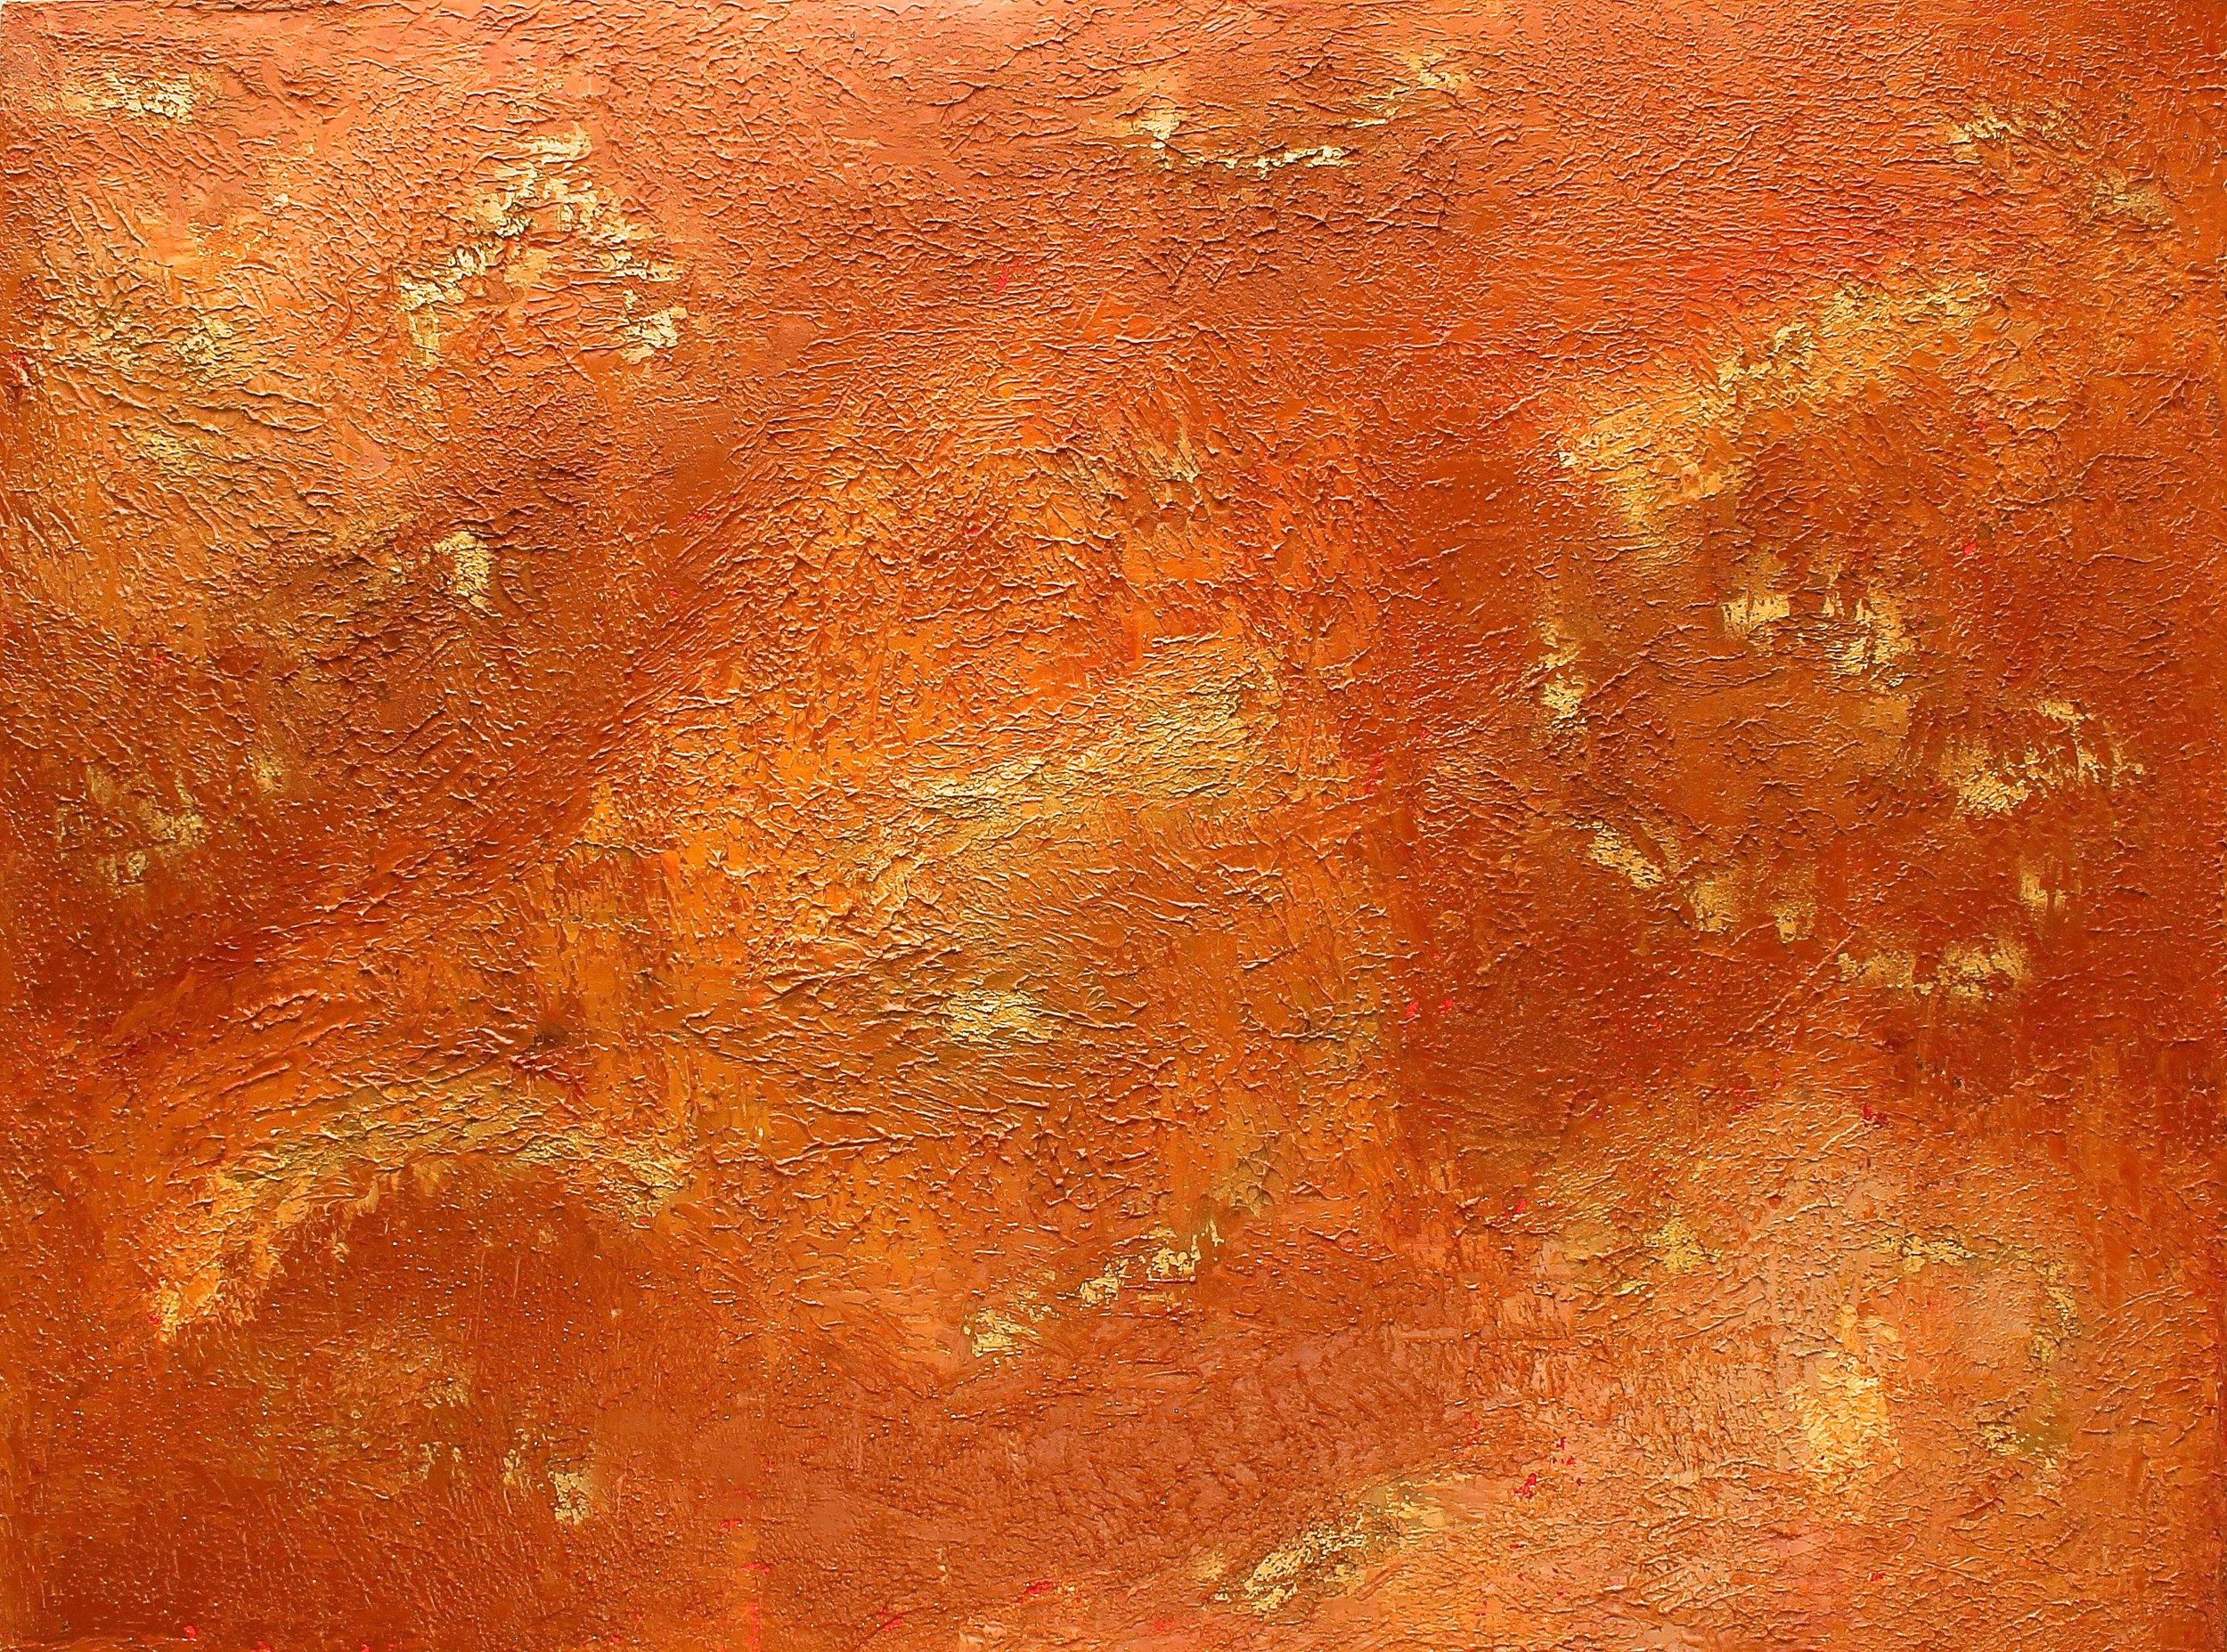 15_07 - siena 1.jpg